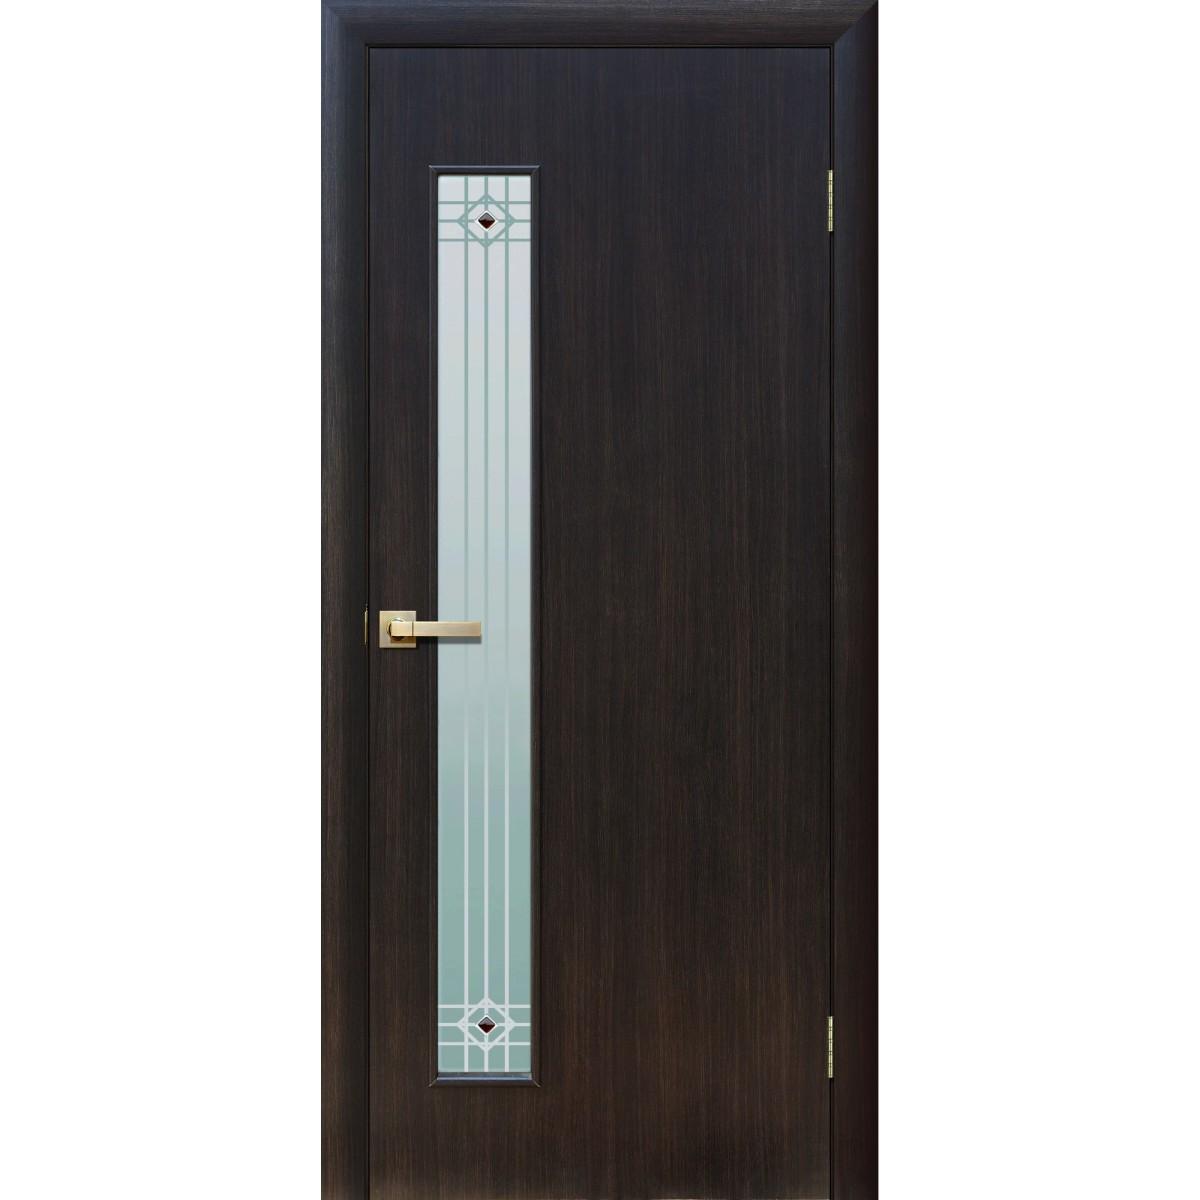 Дверь межкомнатная остеклённая Стандарт 70x200 см ламинация цвет дуб феррара